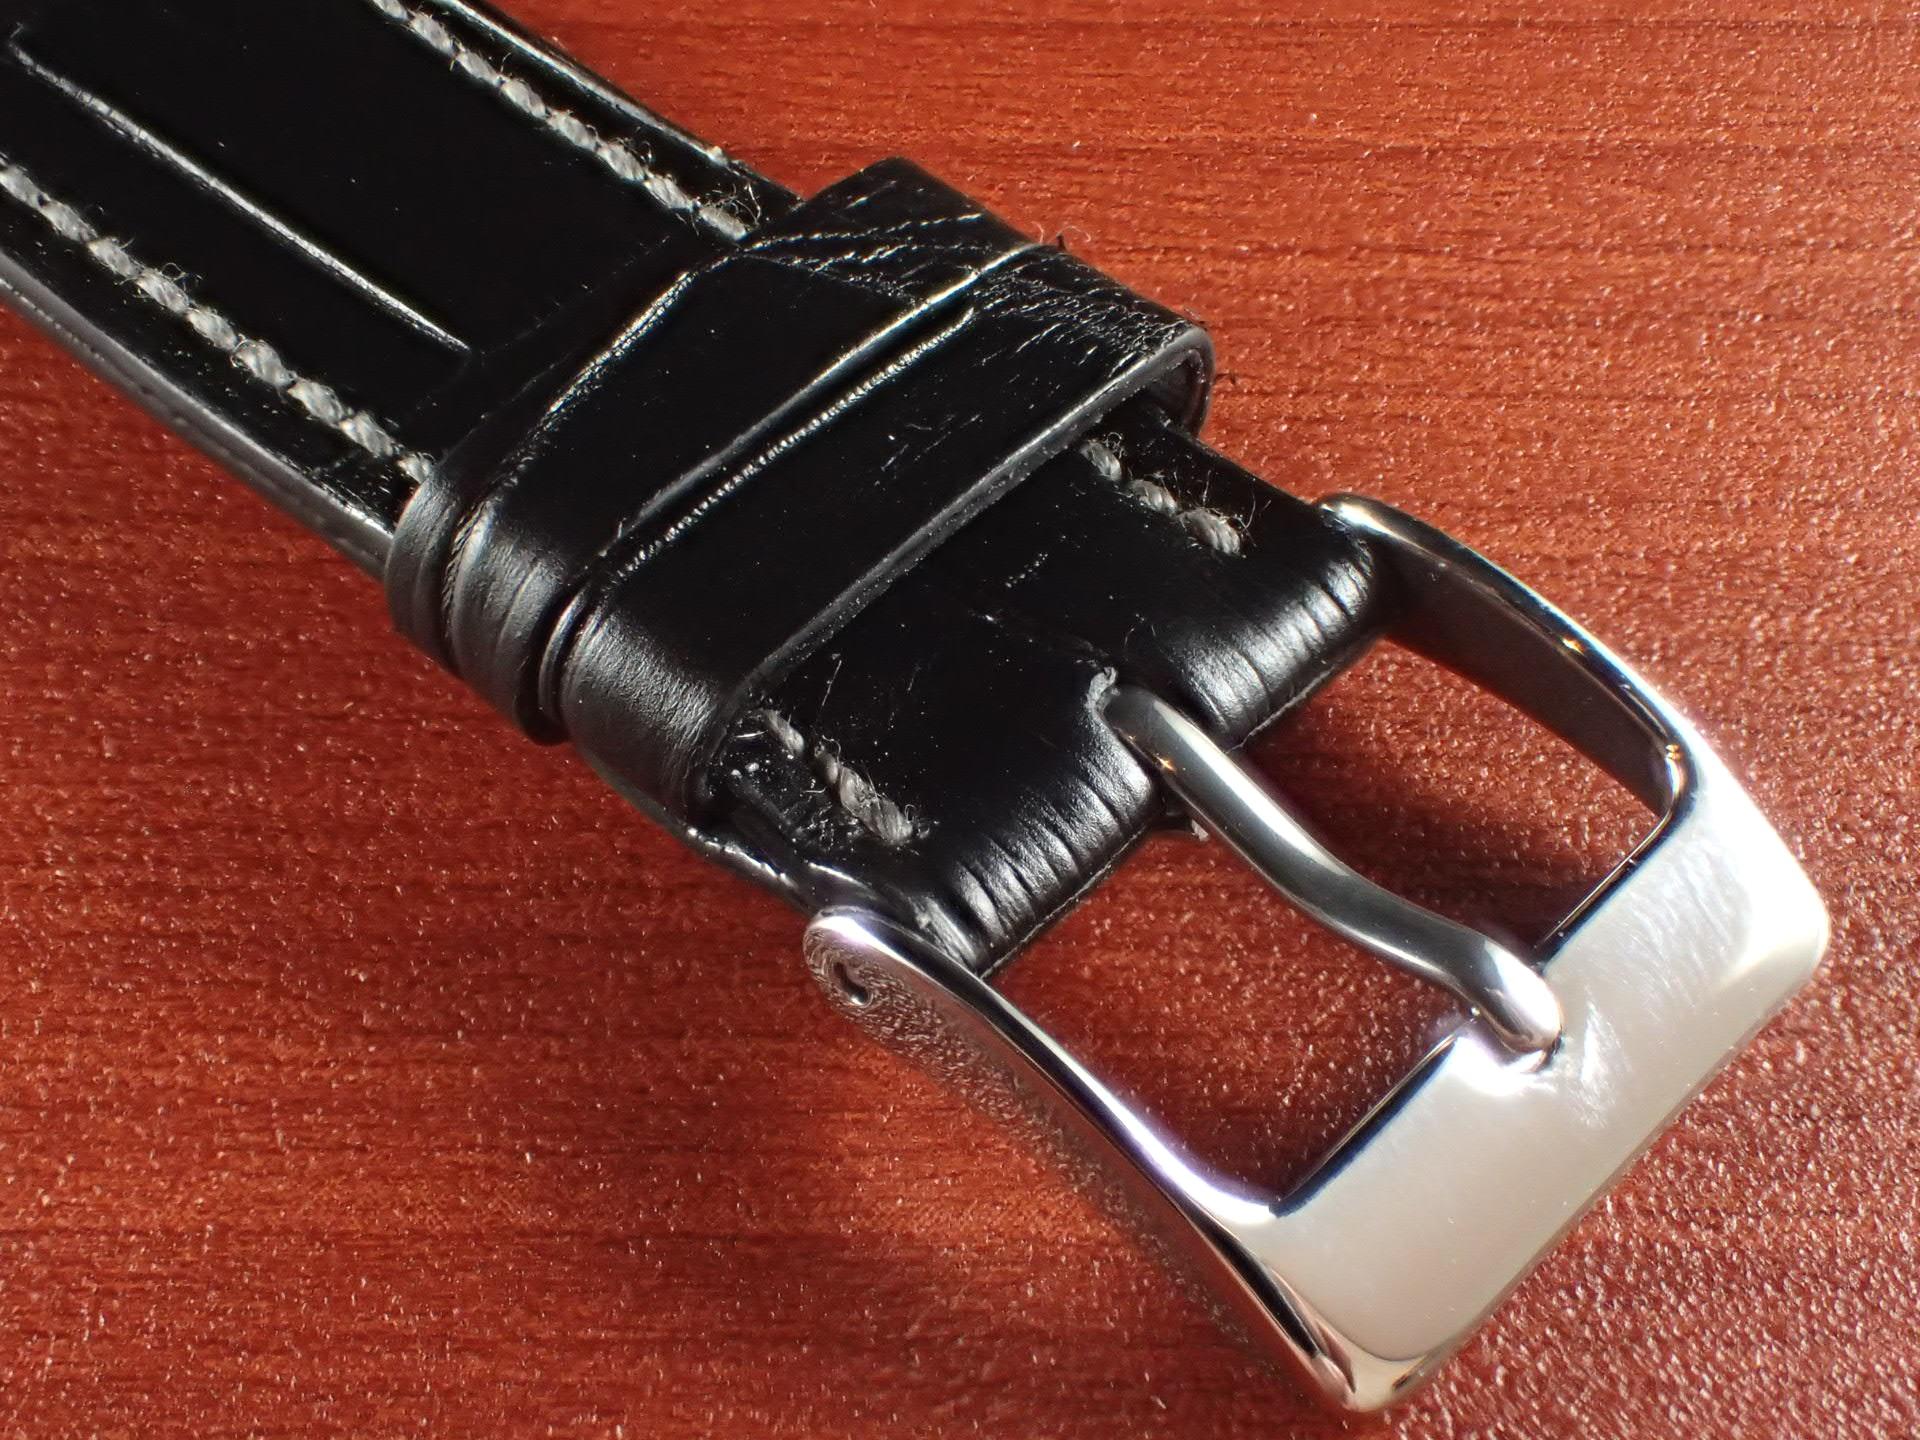 ジャン・クロード ペラン革ベルト クロコダイル ブラック 18mmの写真3枚目